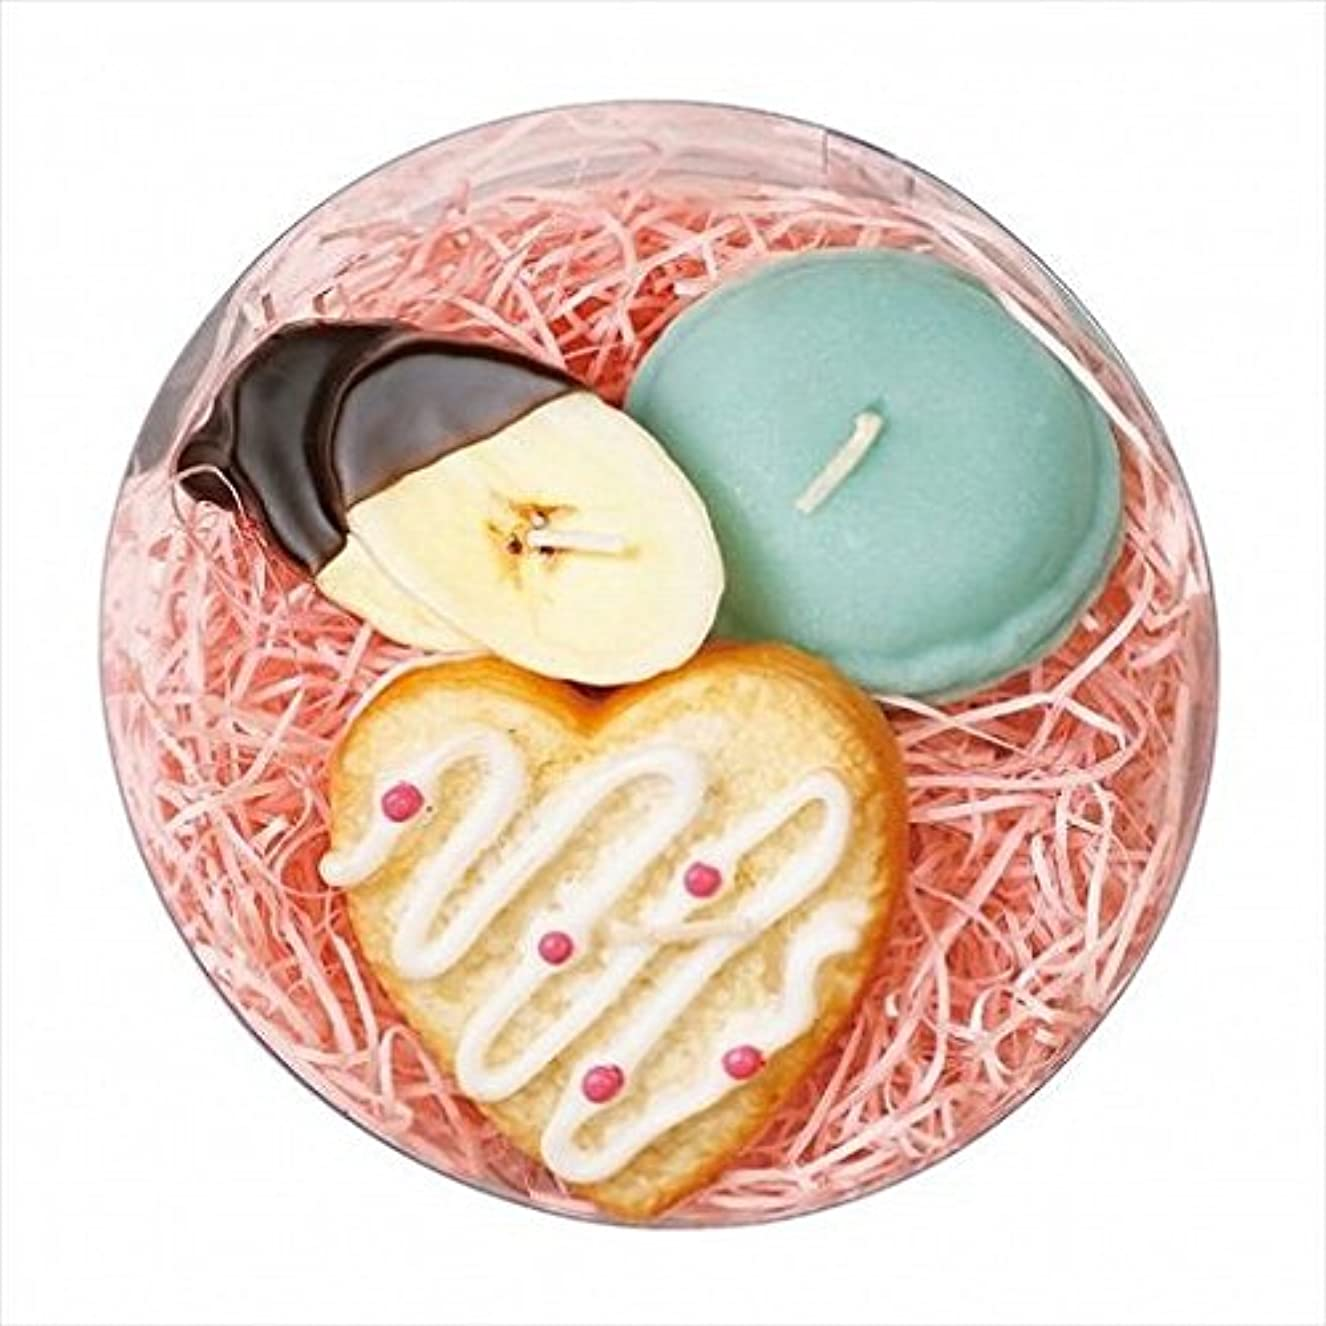 間終点連隊sweets candle(スイーツキャンドル) プチスイーツキャンドルセット 「 シュガーハート 」 キャンドル 100x100x55mm (A6366050)